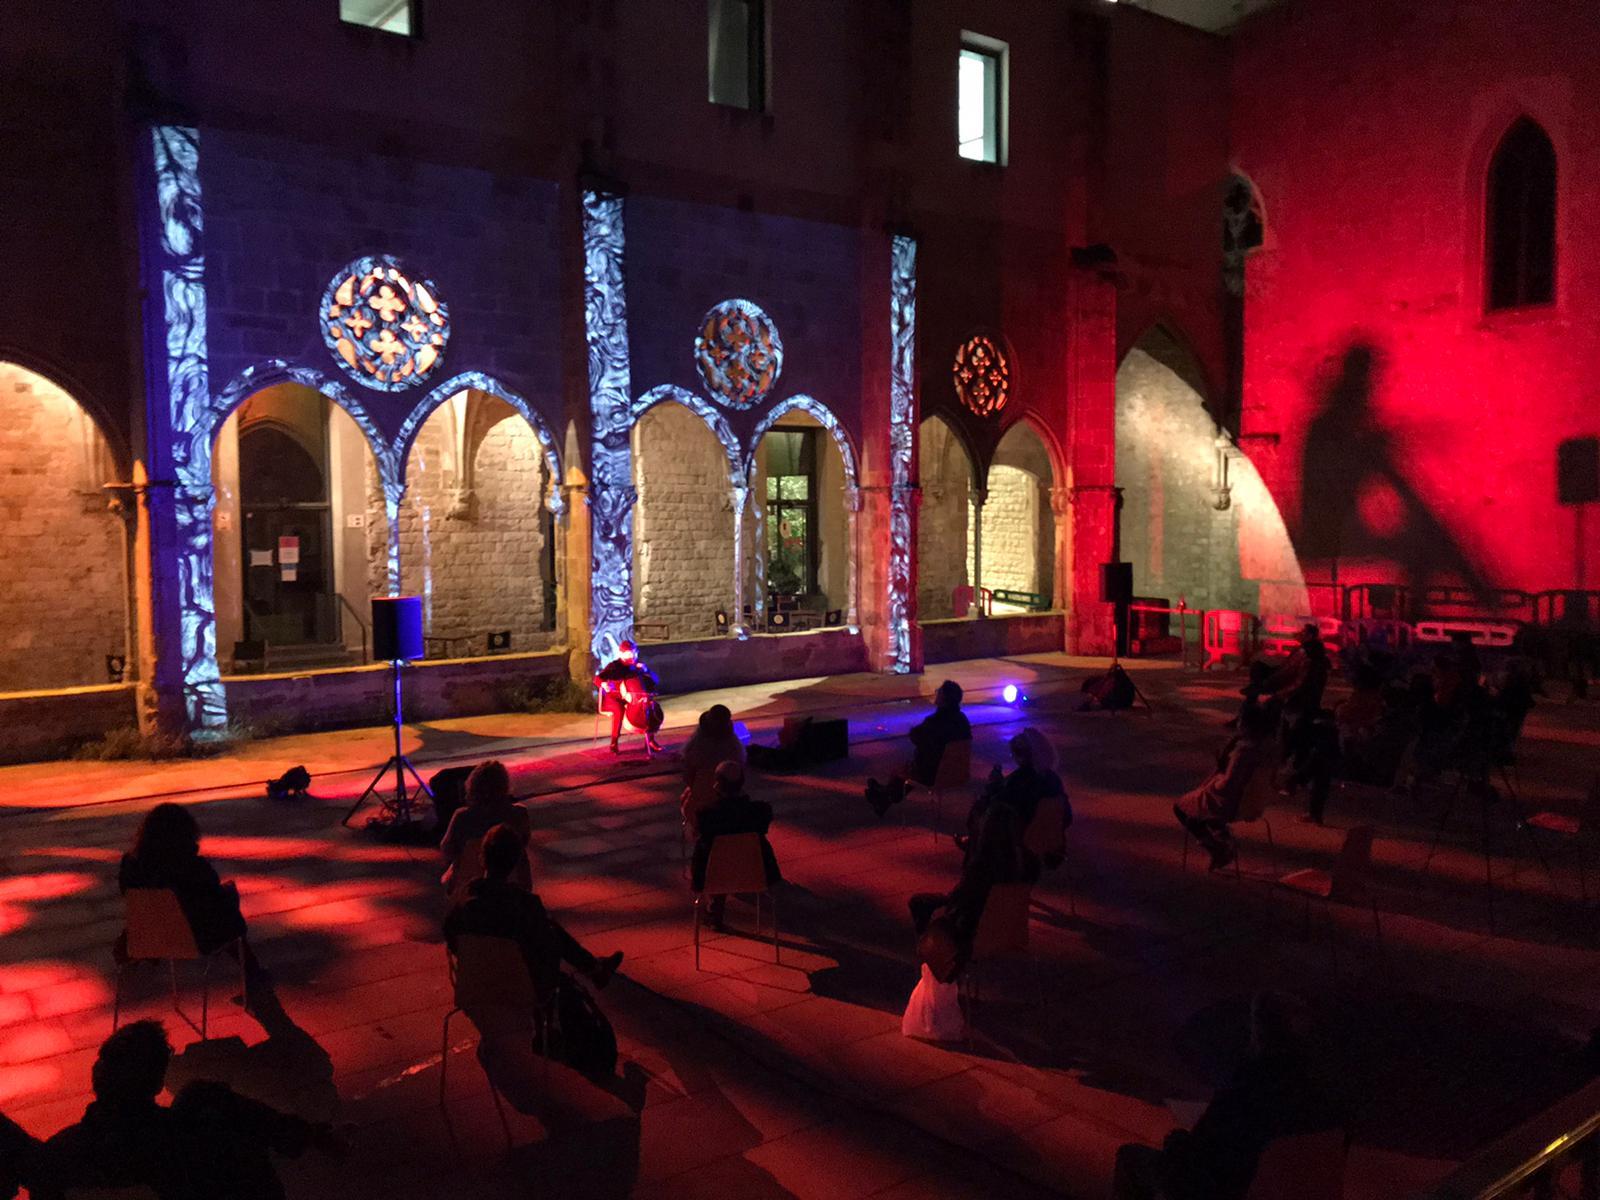 Vista del claustre del convent amb les projeccions mapejades a la façana d'estil gòtic, el públic i el músic Ivan Lorenzana